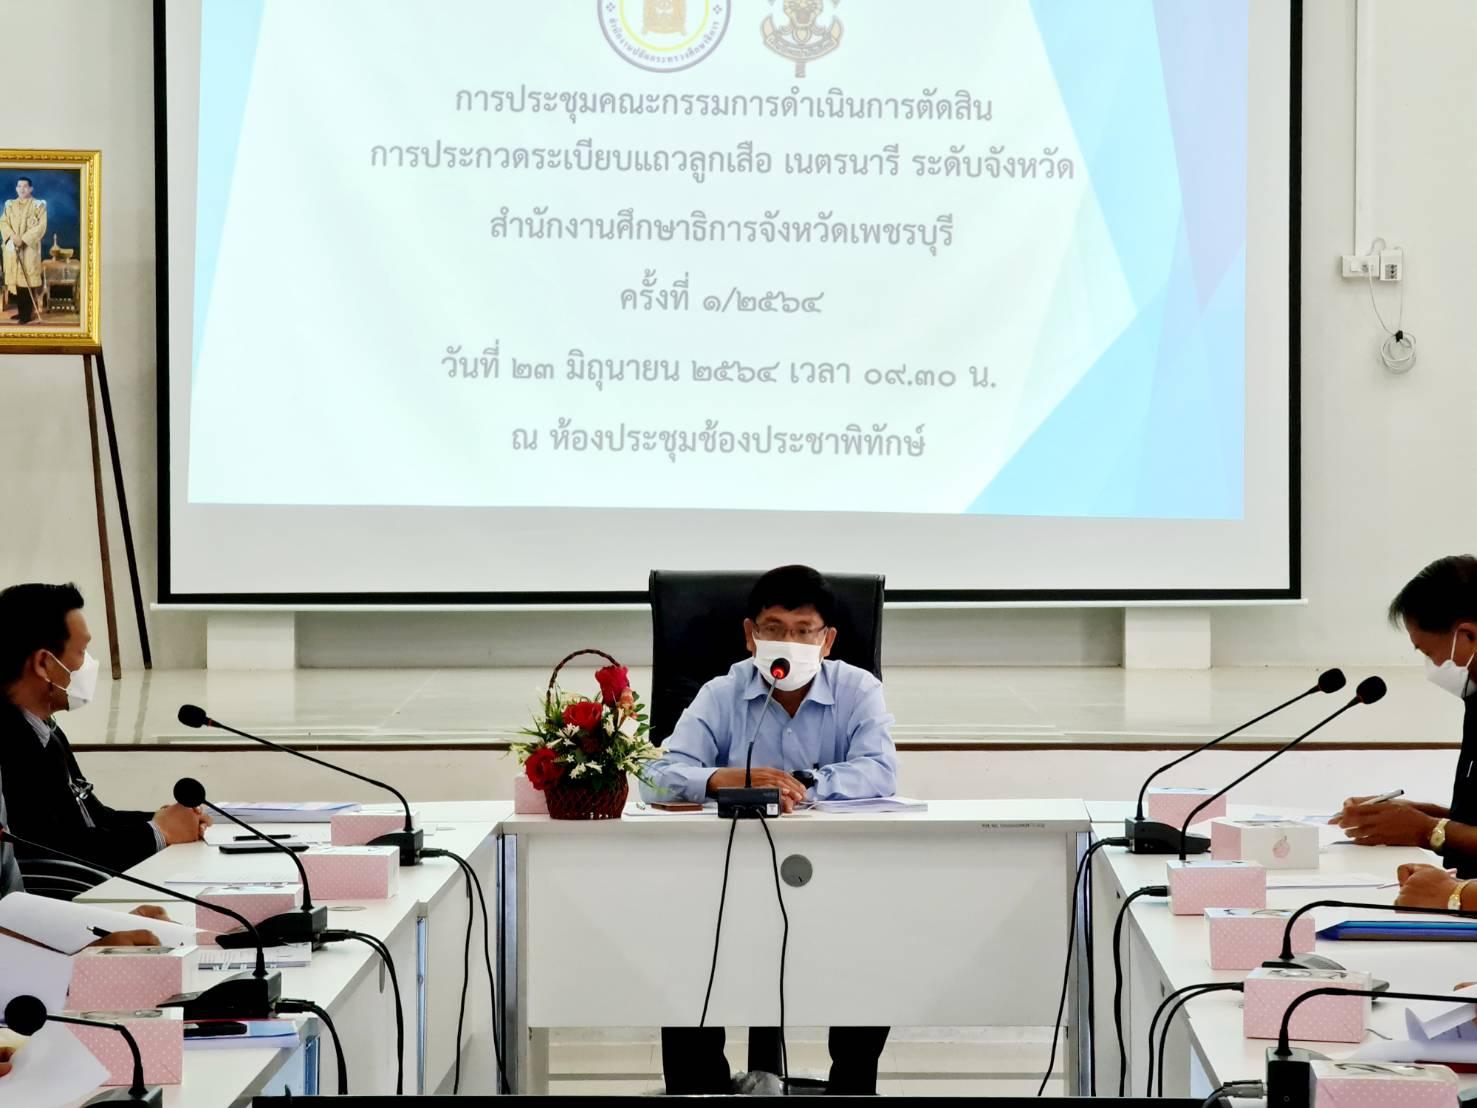 การประชุมคณะกรรมการตัดสินการประกวดระเบียบแถวลูกเสือ เนตรนารี ระดับจังหวัด